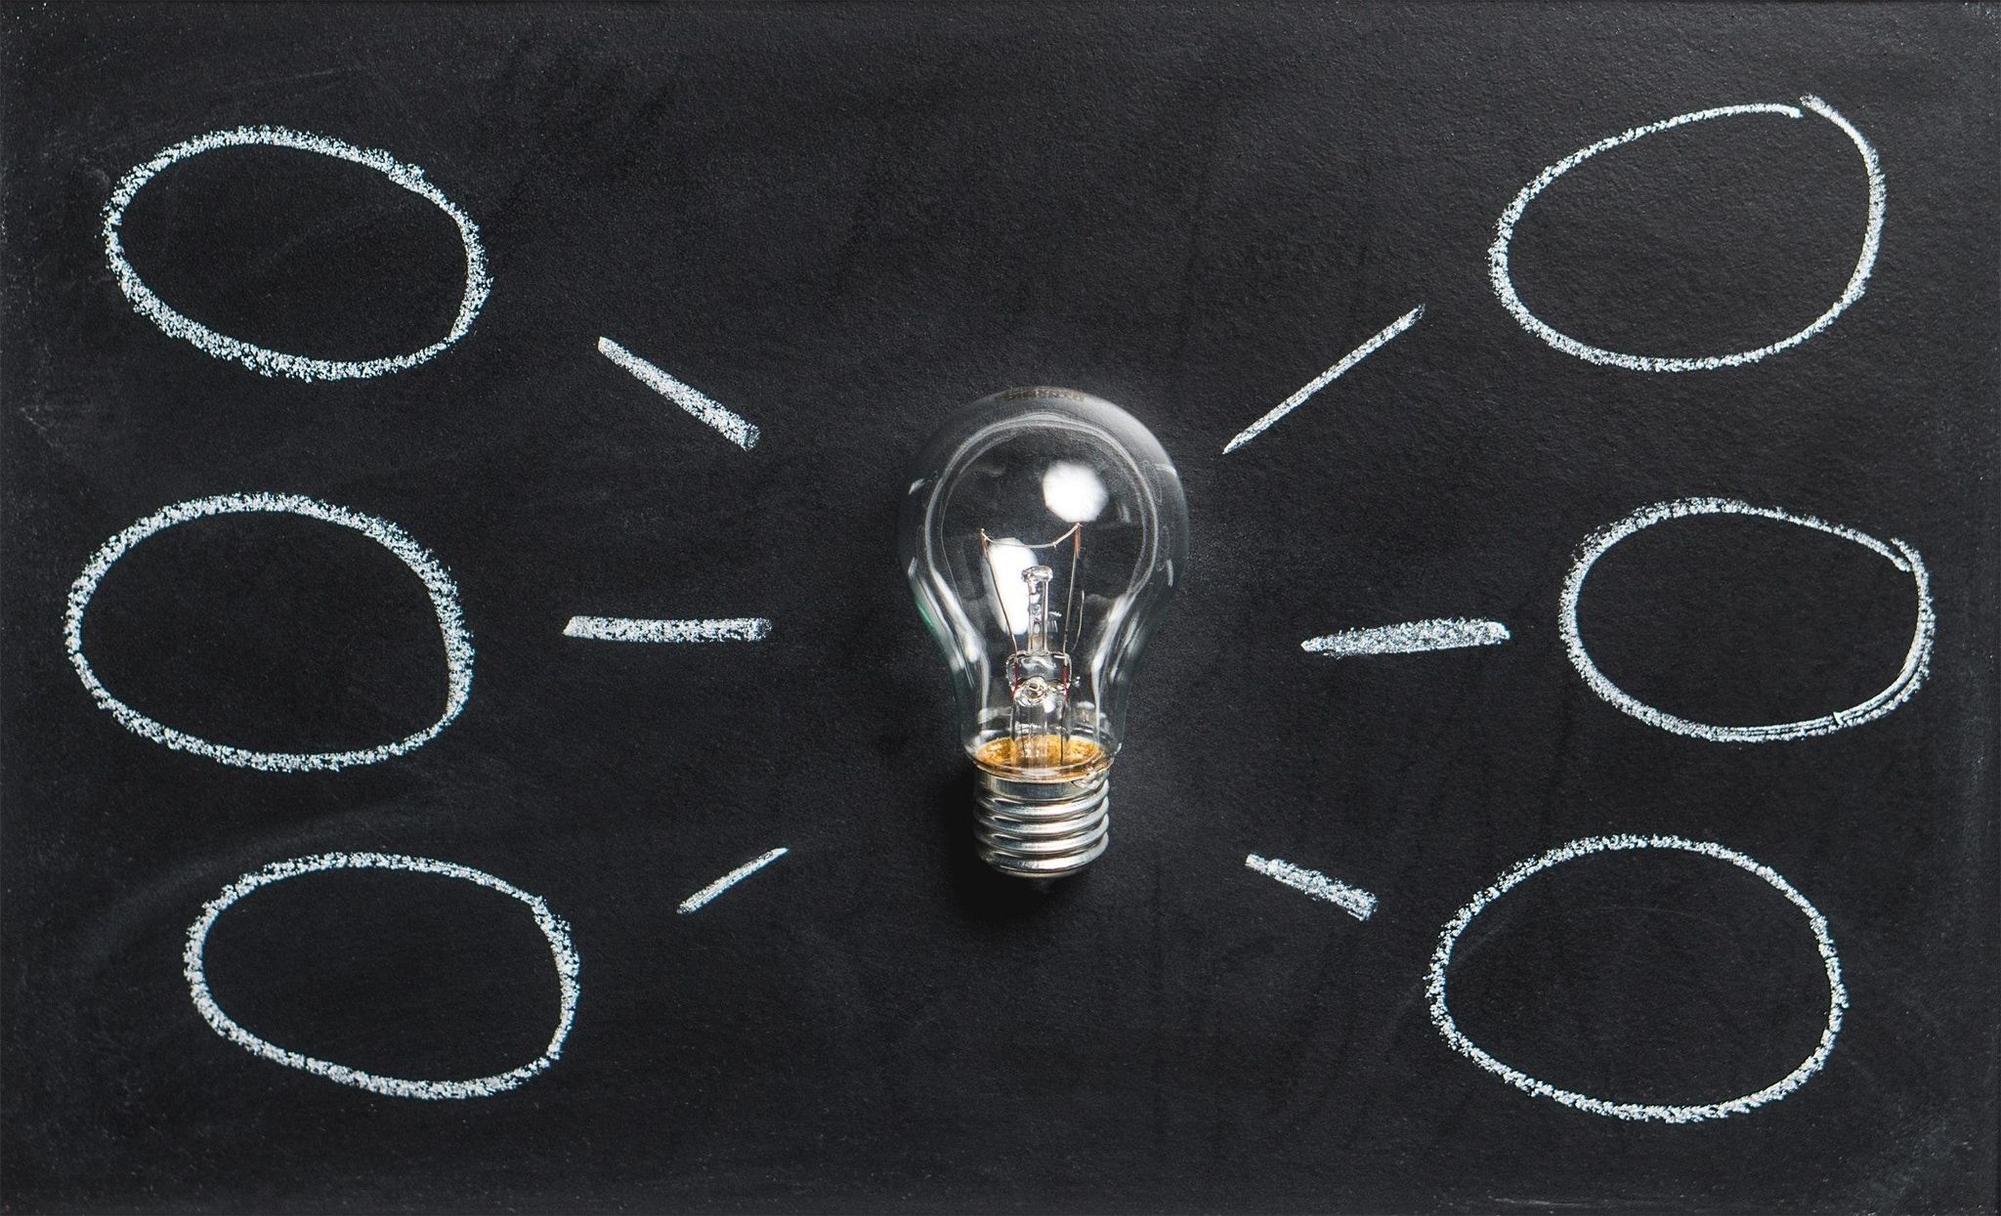 Zu wenig Sonne für Solarenergie, schlechte Energiebilanz von LED-Lampen und ineffizientes Öko-Waschprogramm? Einige Mythen zum Thema Energiesparen und Umweltschutz sind nach wie vor stark in vielen Köpfen verankert – zu Unrecht. Pexels